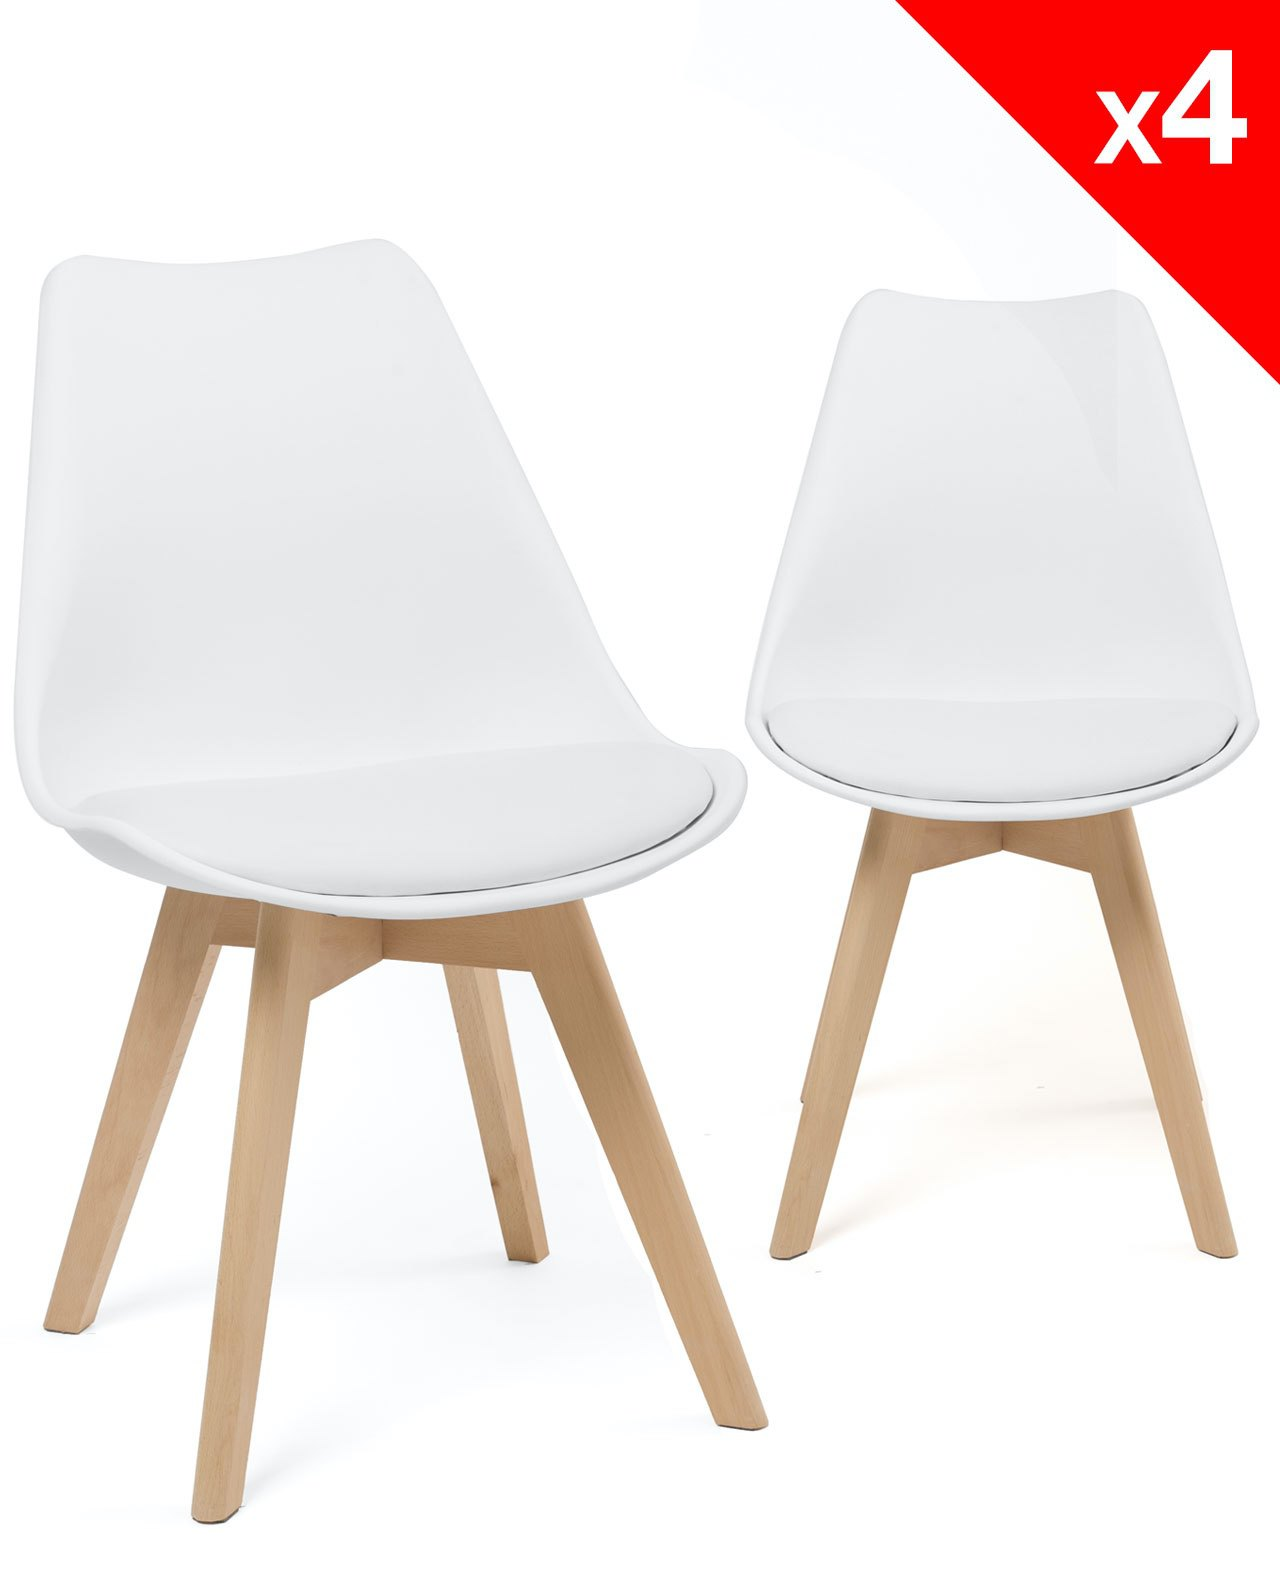 lot de 4 chaises scandinave rembourres blanc kayelles lao - Chaise Scandinave Rembourree